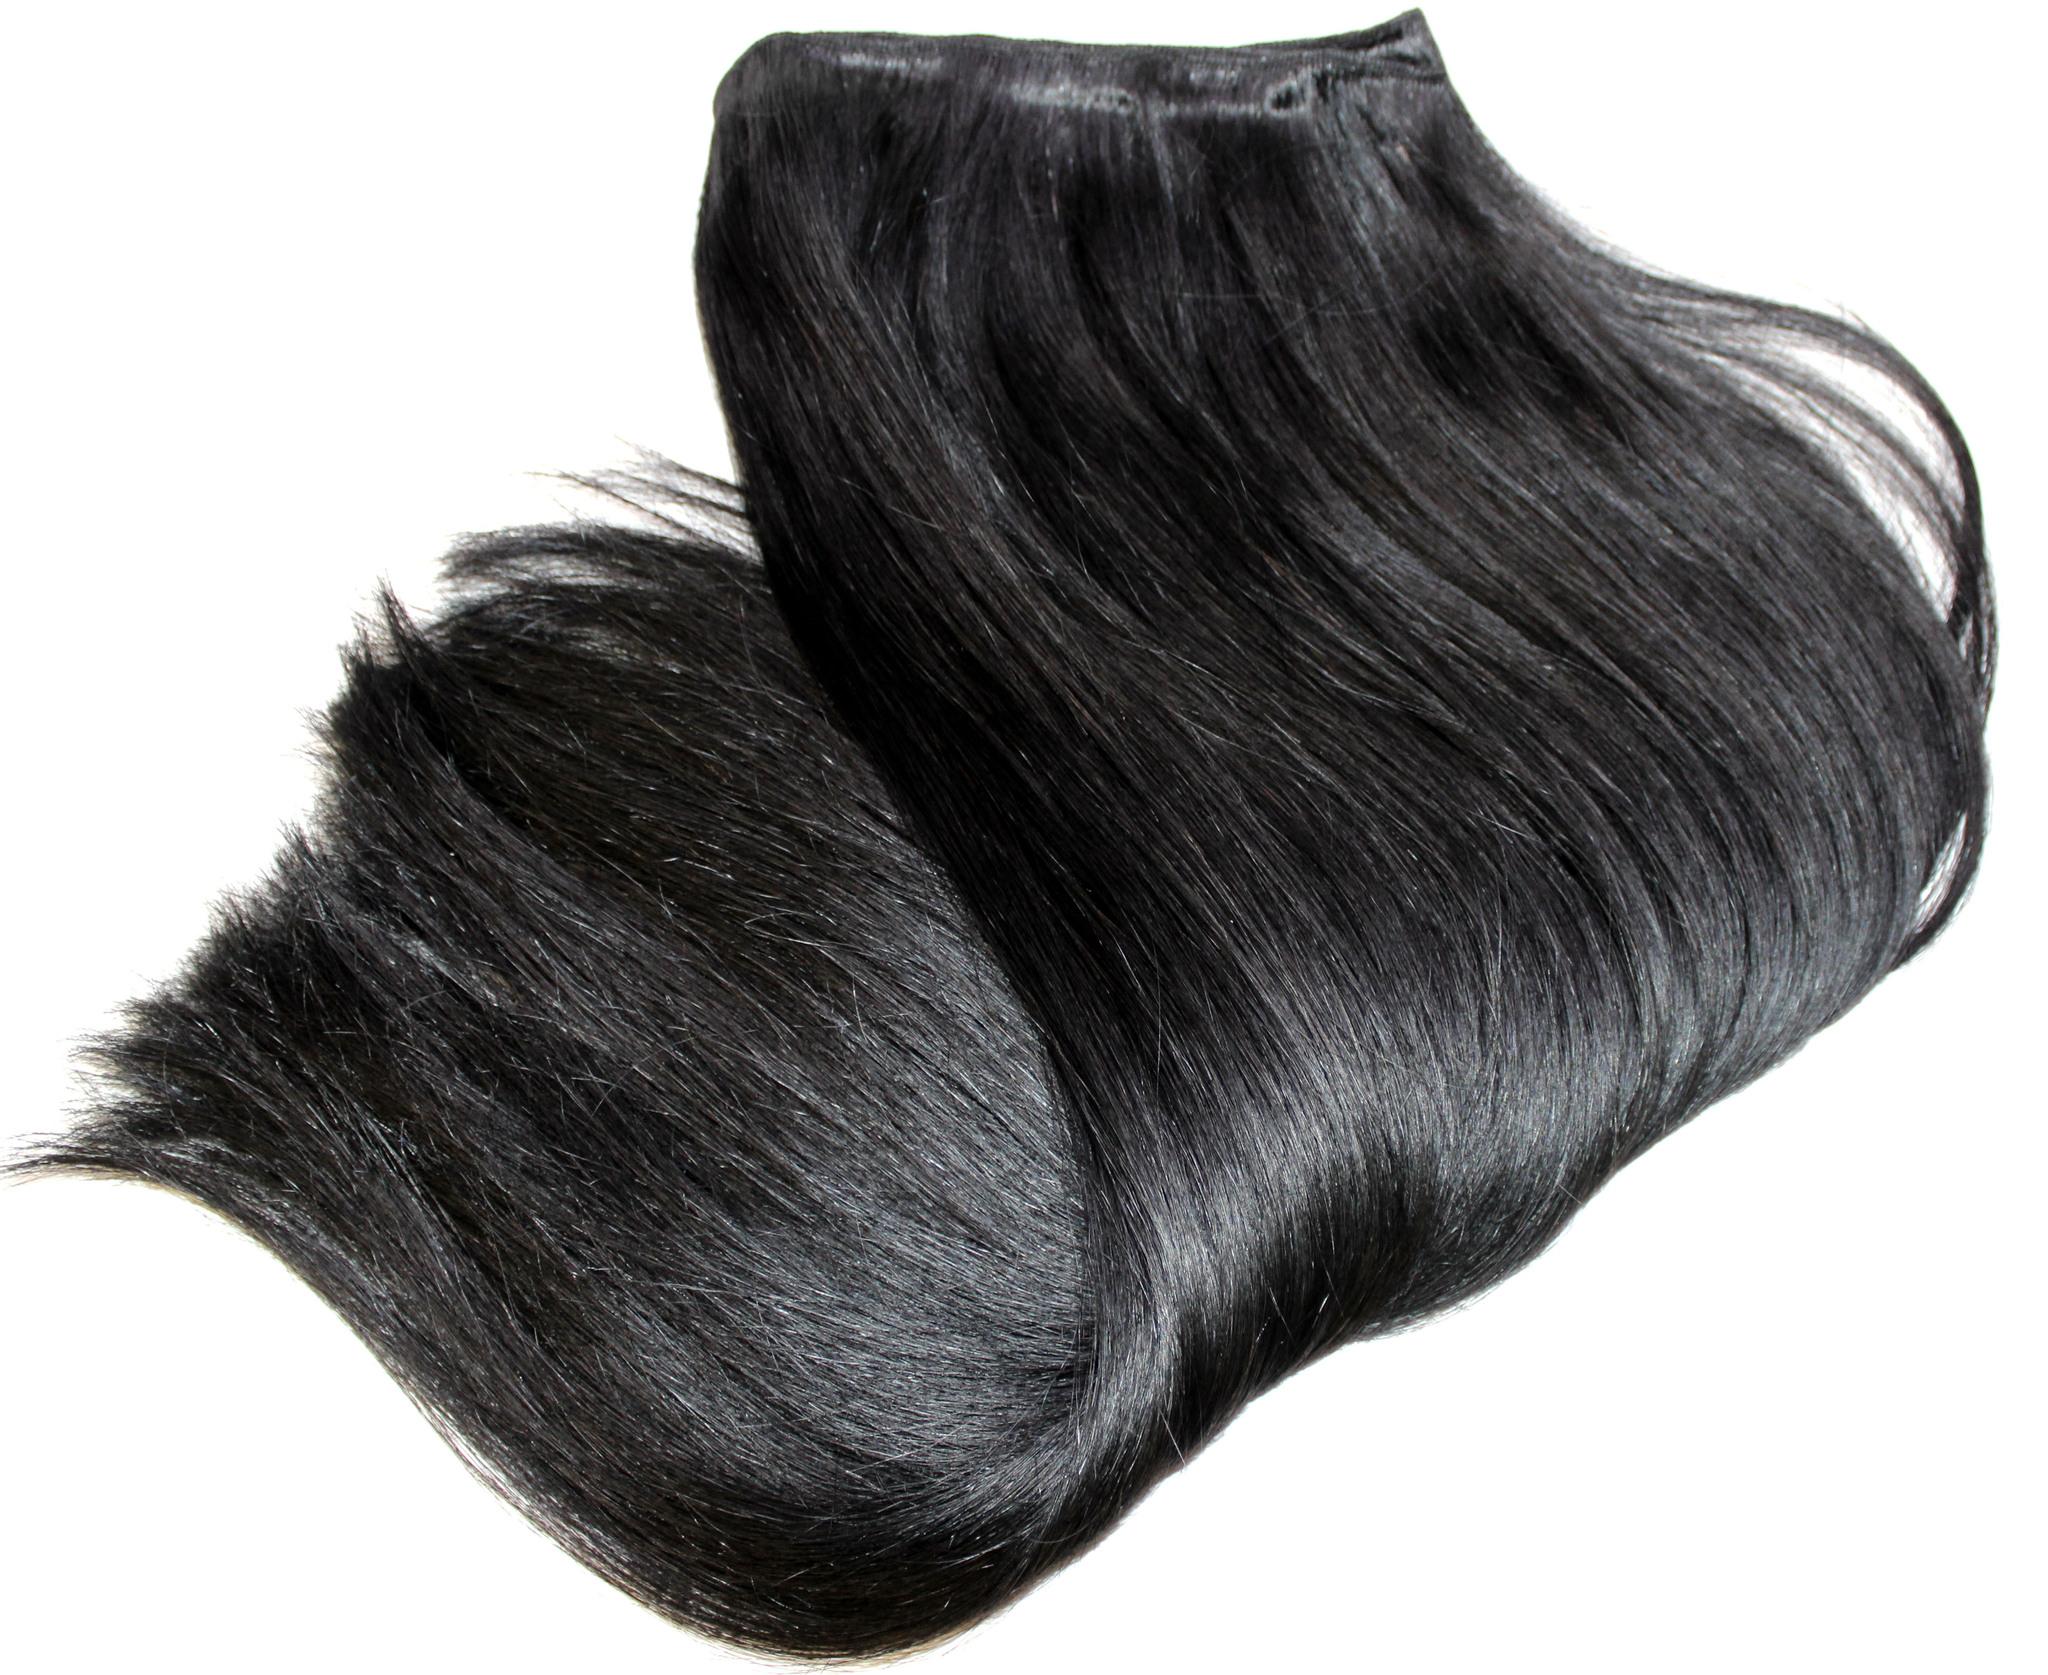 Тресс из натуральных волос длина 52 см,цвет #1 цвет натуральных черный